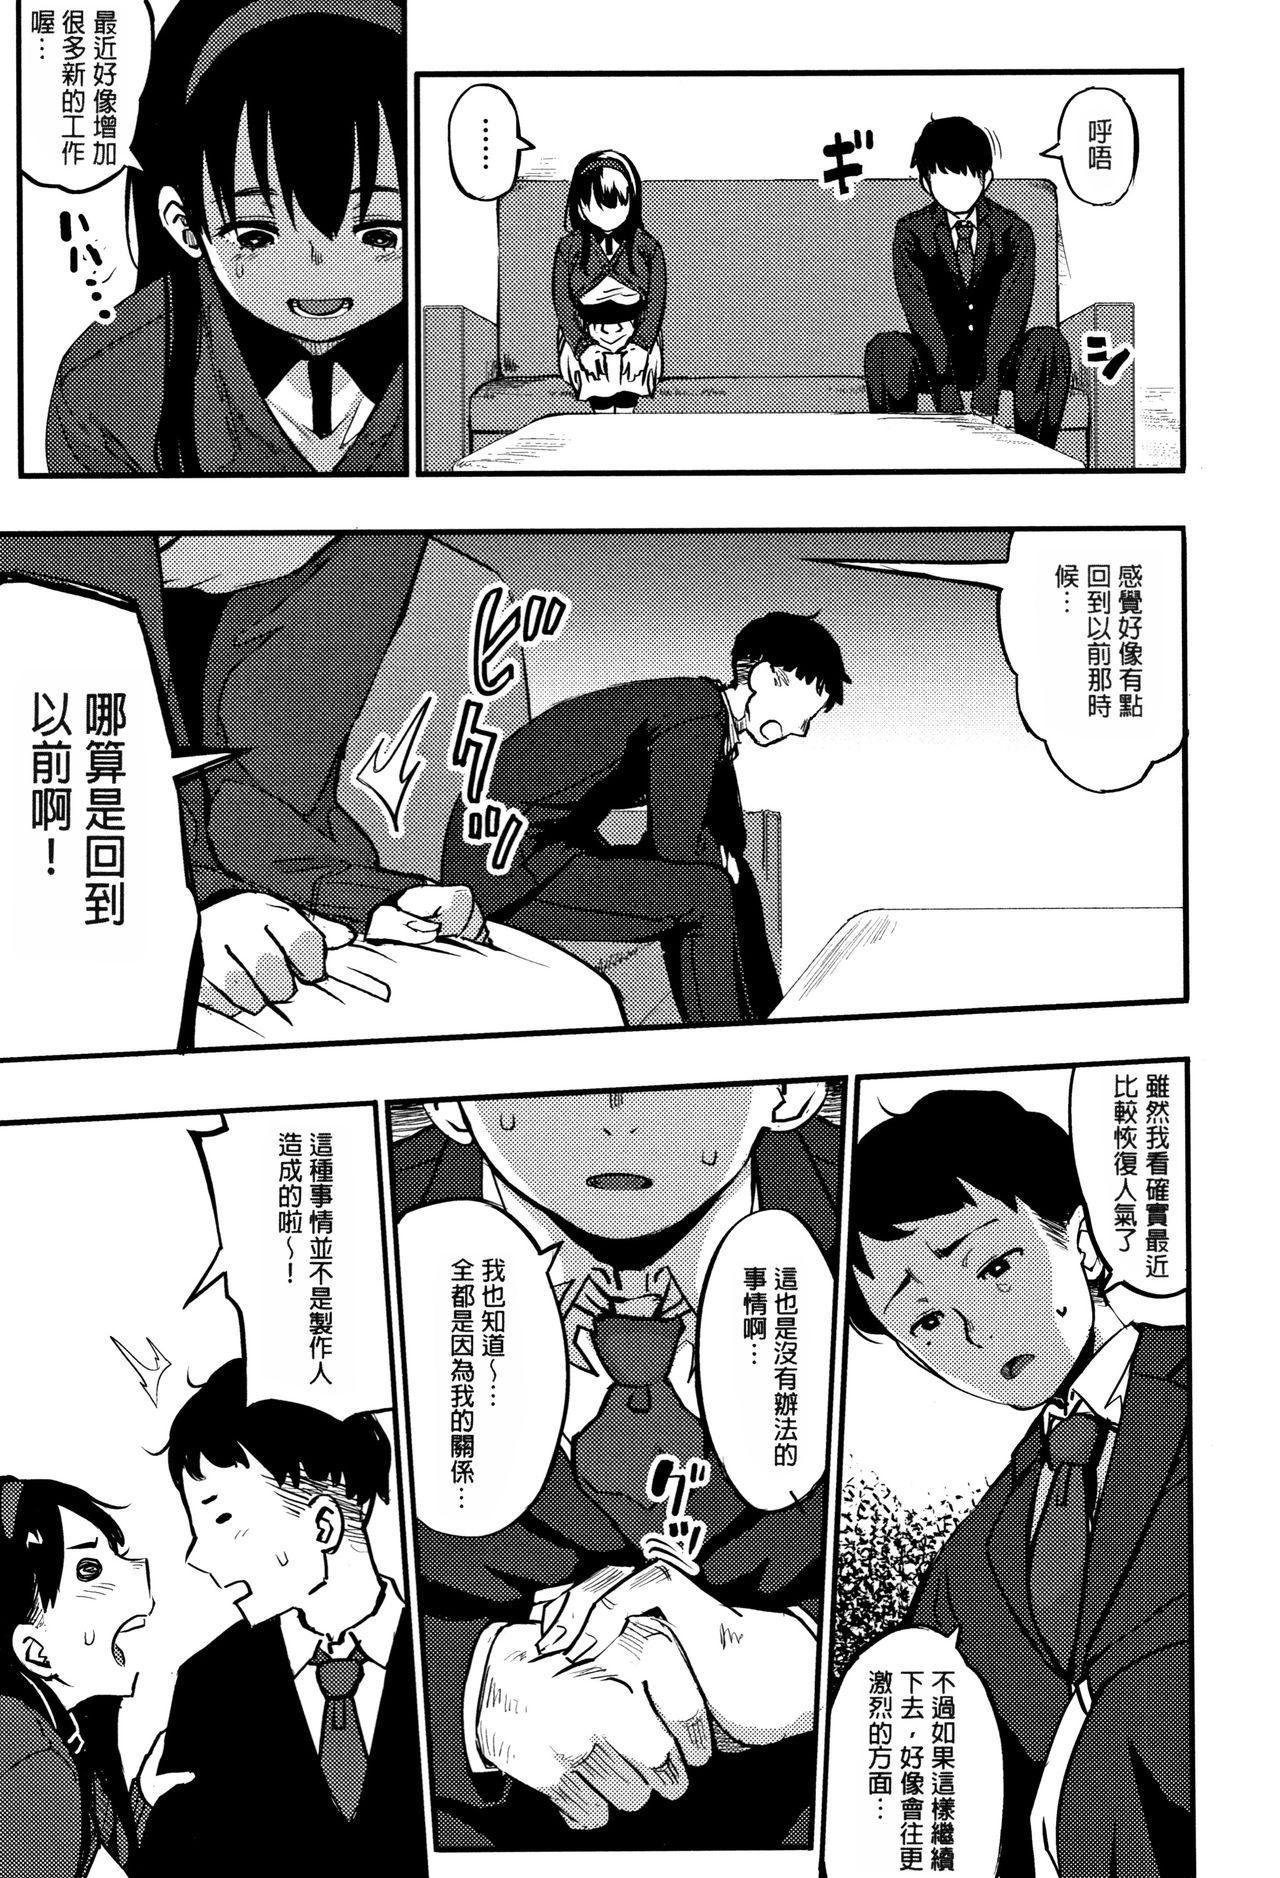 Girigiri Idol Ch. 3 2